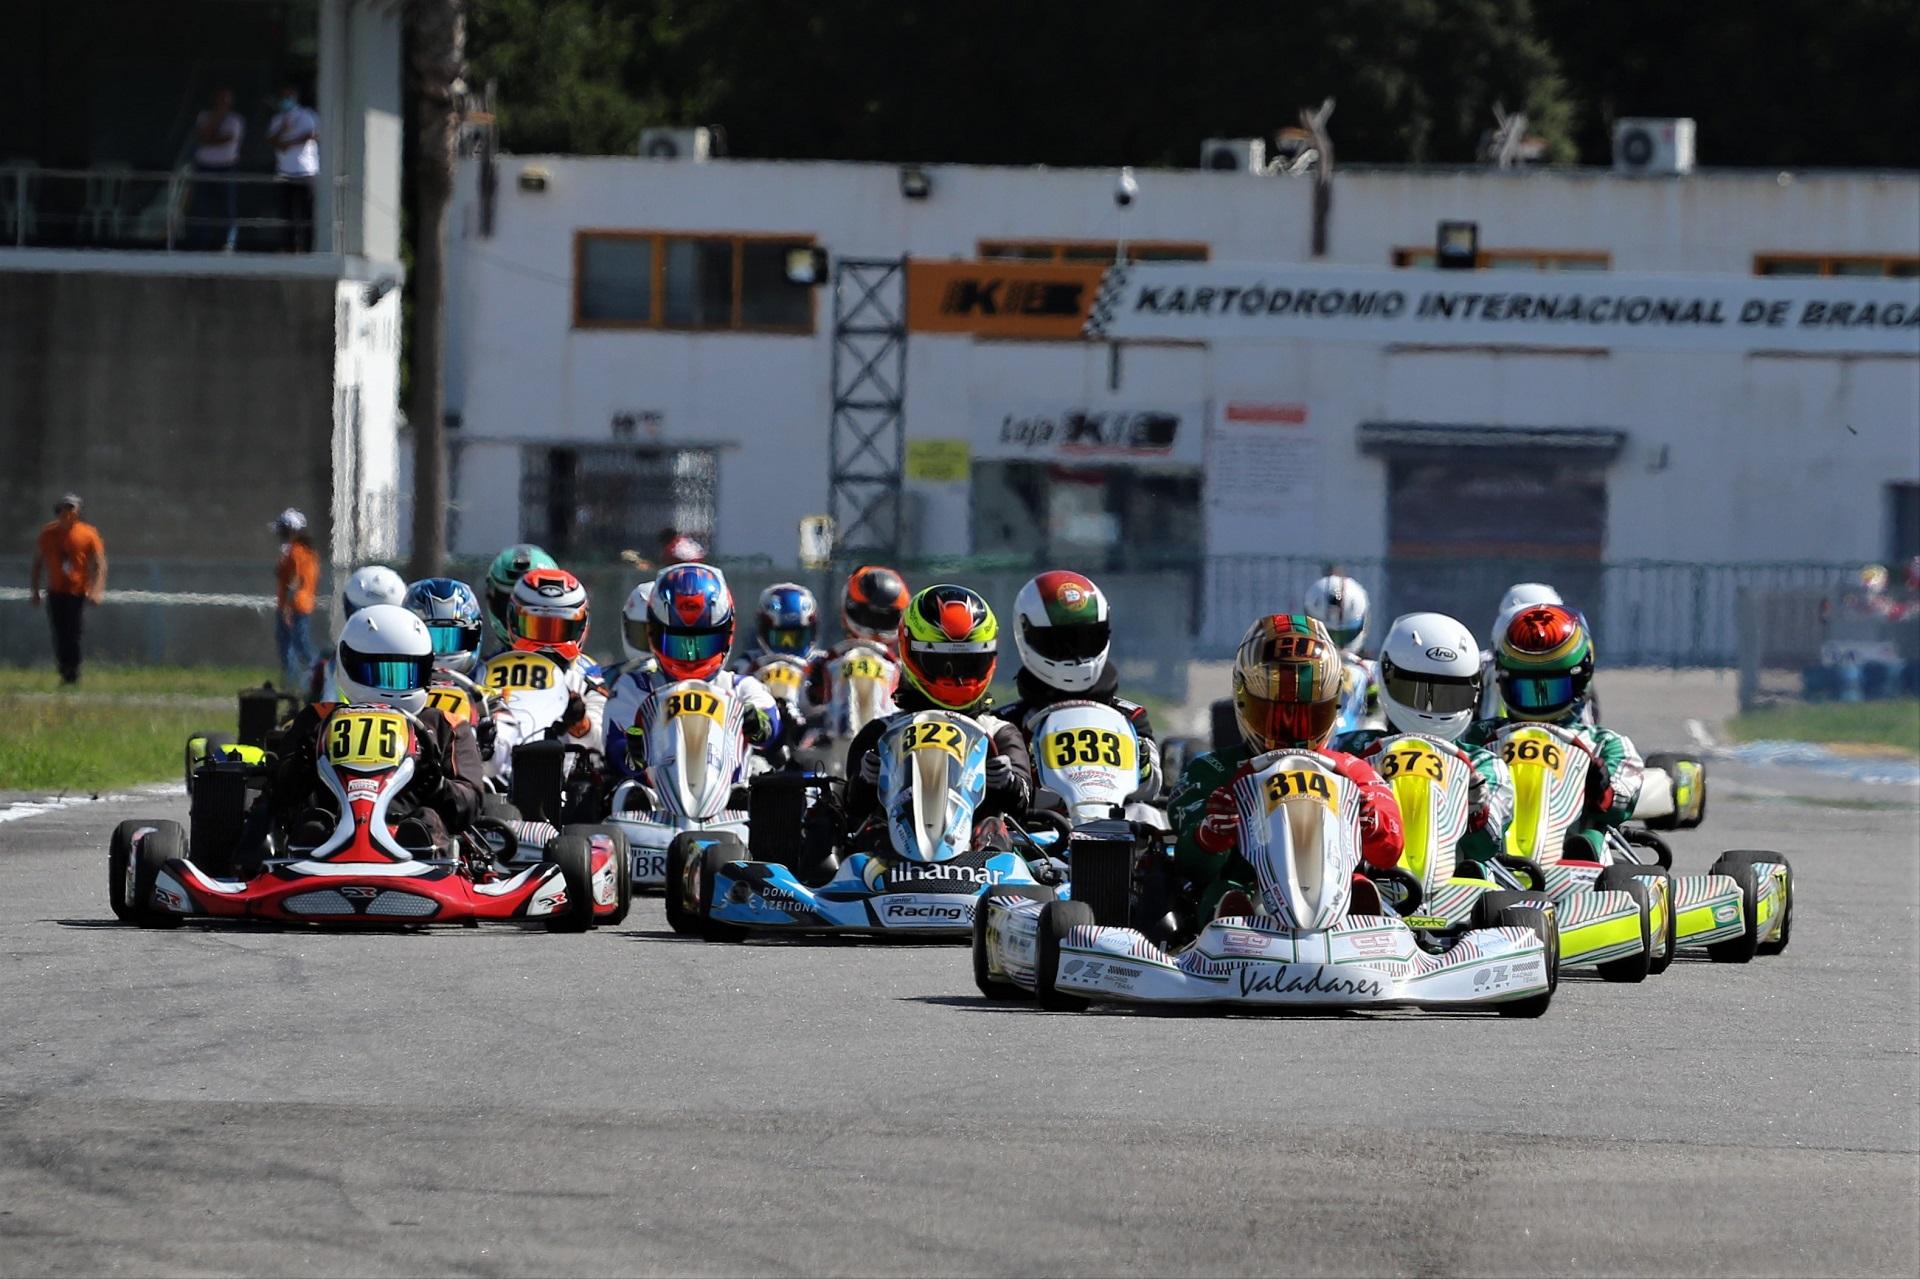 Rotax Max Challenge Portugal poderá ser concluído nos dias 9 e 10 de janeiro em Braga